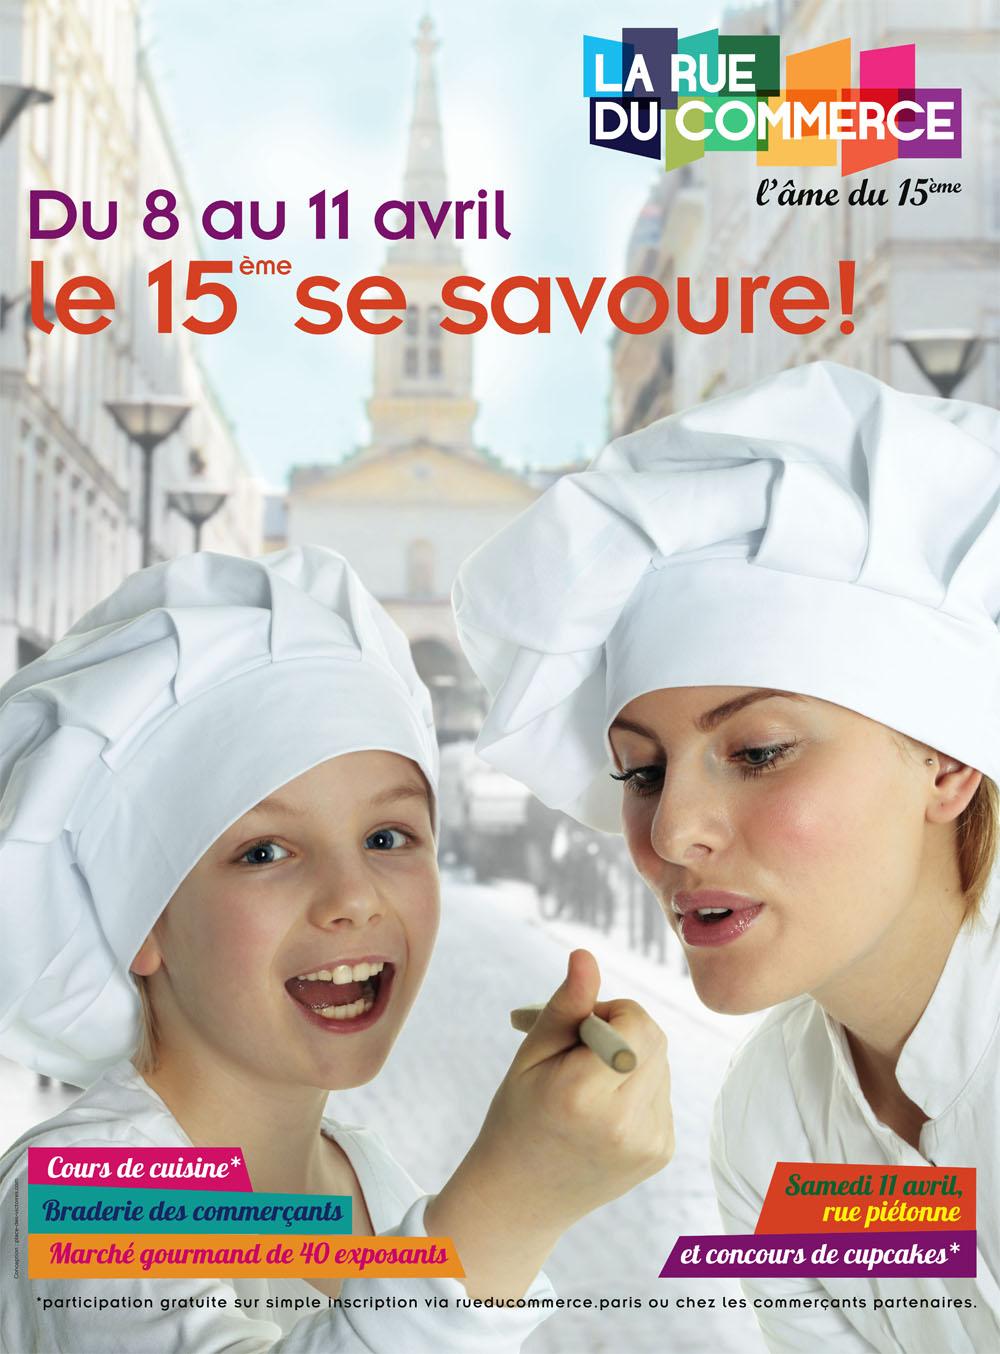 Place des Victoires Communication - Rue du Commerce - Publicité affiche marché gourmand